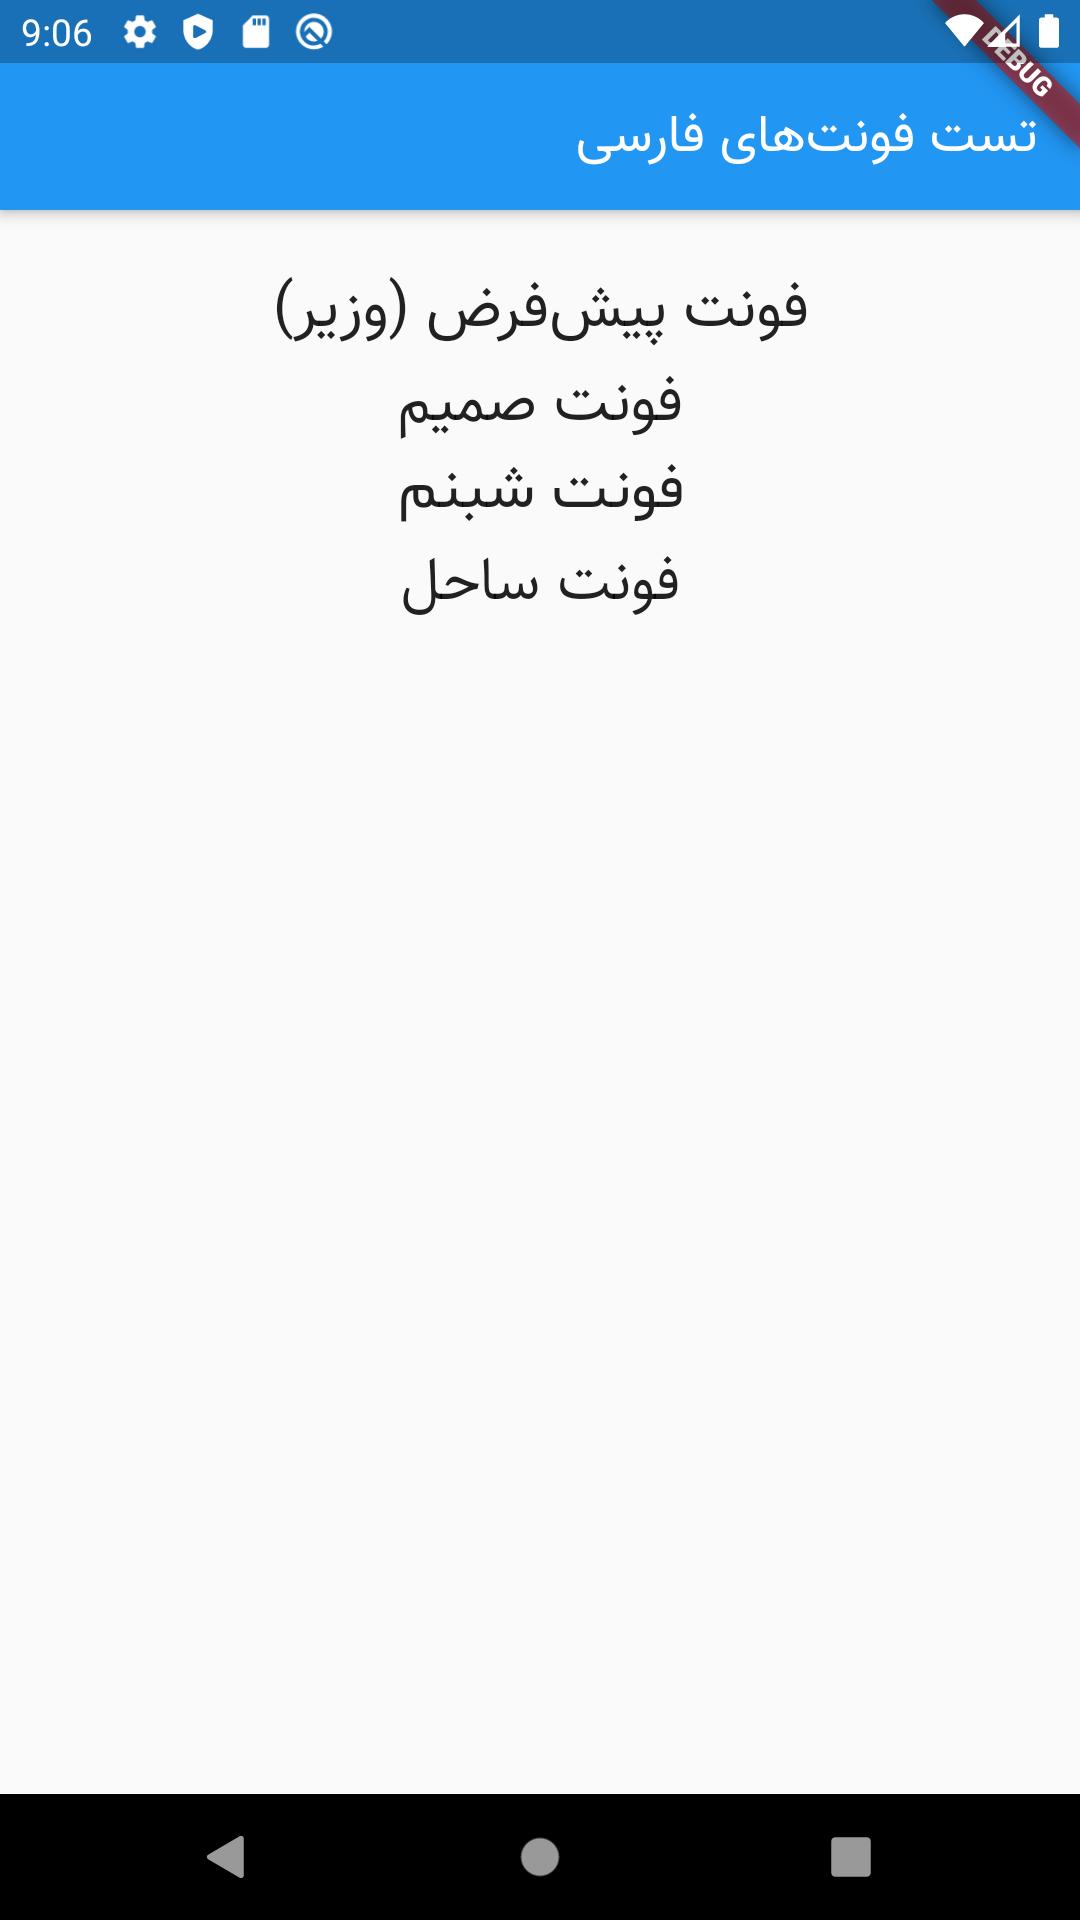 persian_fonts_flutter